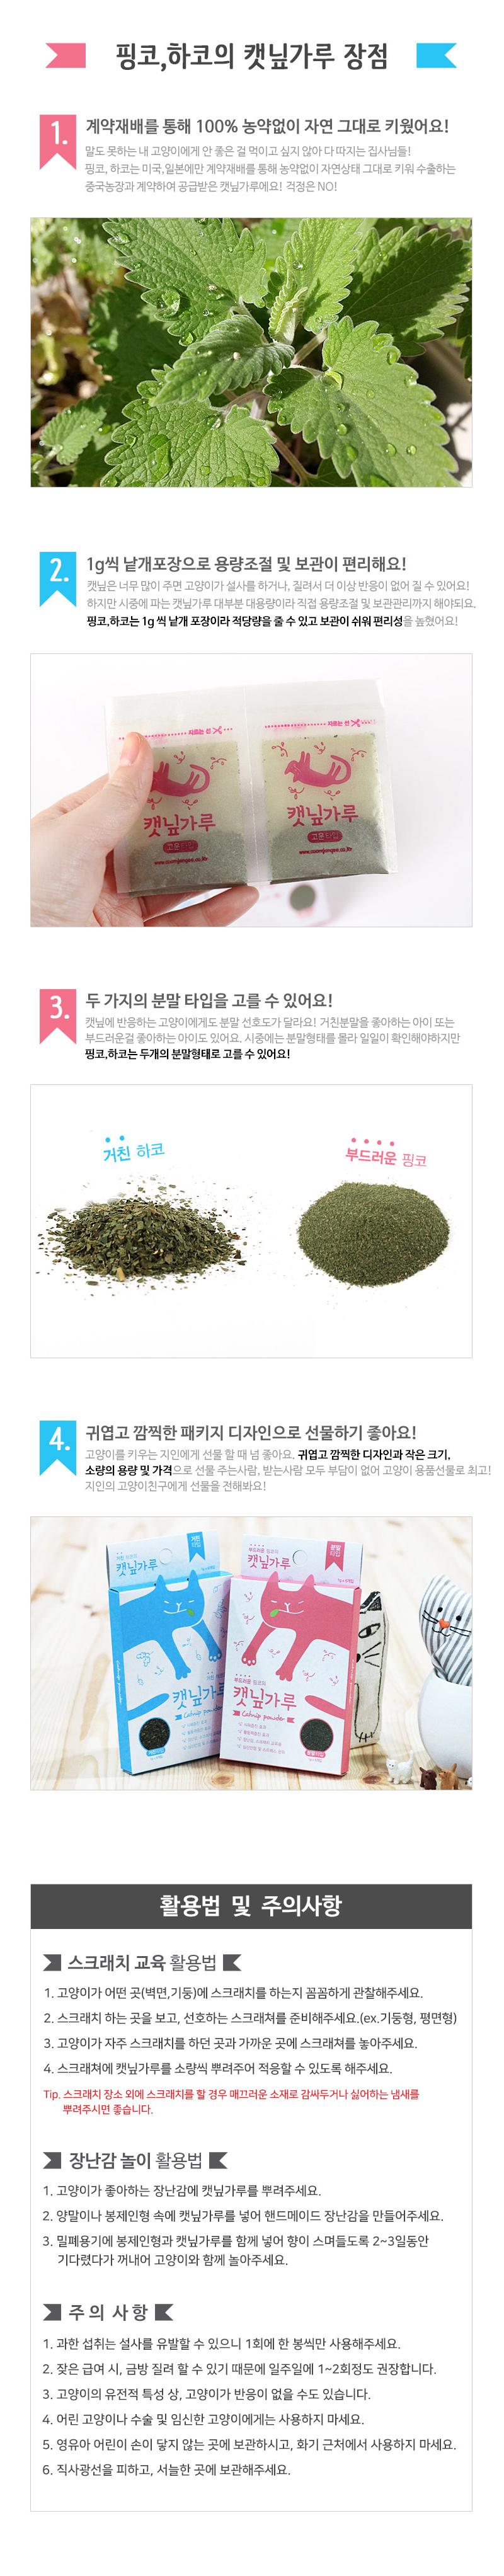 핑코와 하코 캣닢가루2,000원-꿈쟁이플라워캔펫샵, 고양이용품, 간식/캣닢, 캣닢바보사랑핑코와 하코 캣닢가루2,000원-꿈쟁이플라워캔펫샵, 고양이용품, 간식/캣닢, 캣닢바보사랑